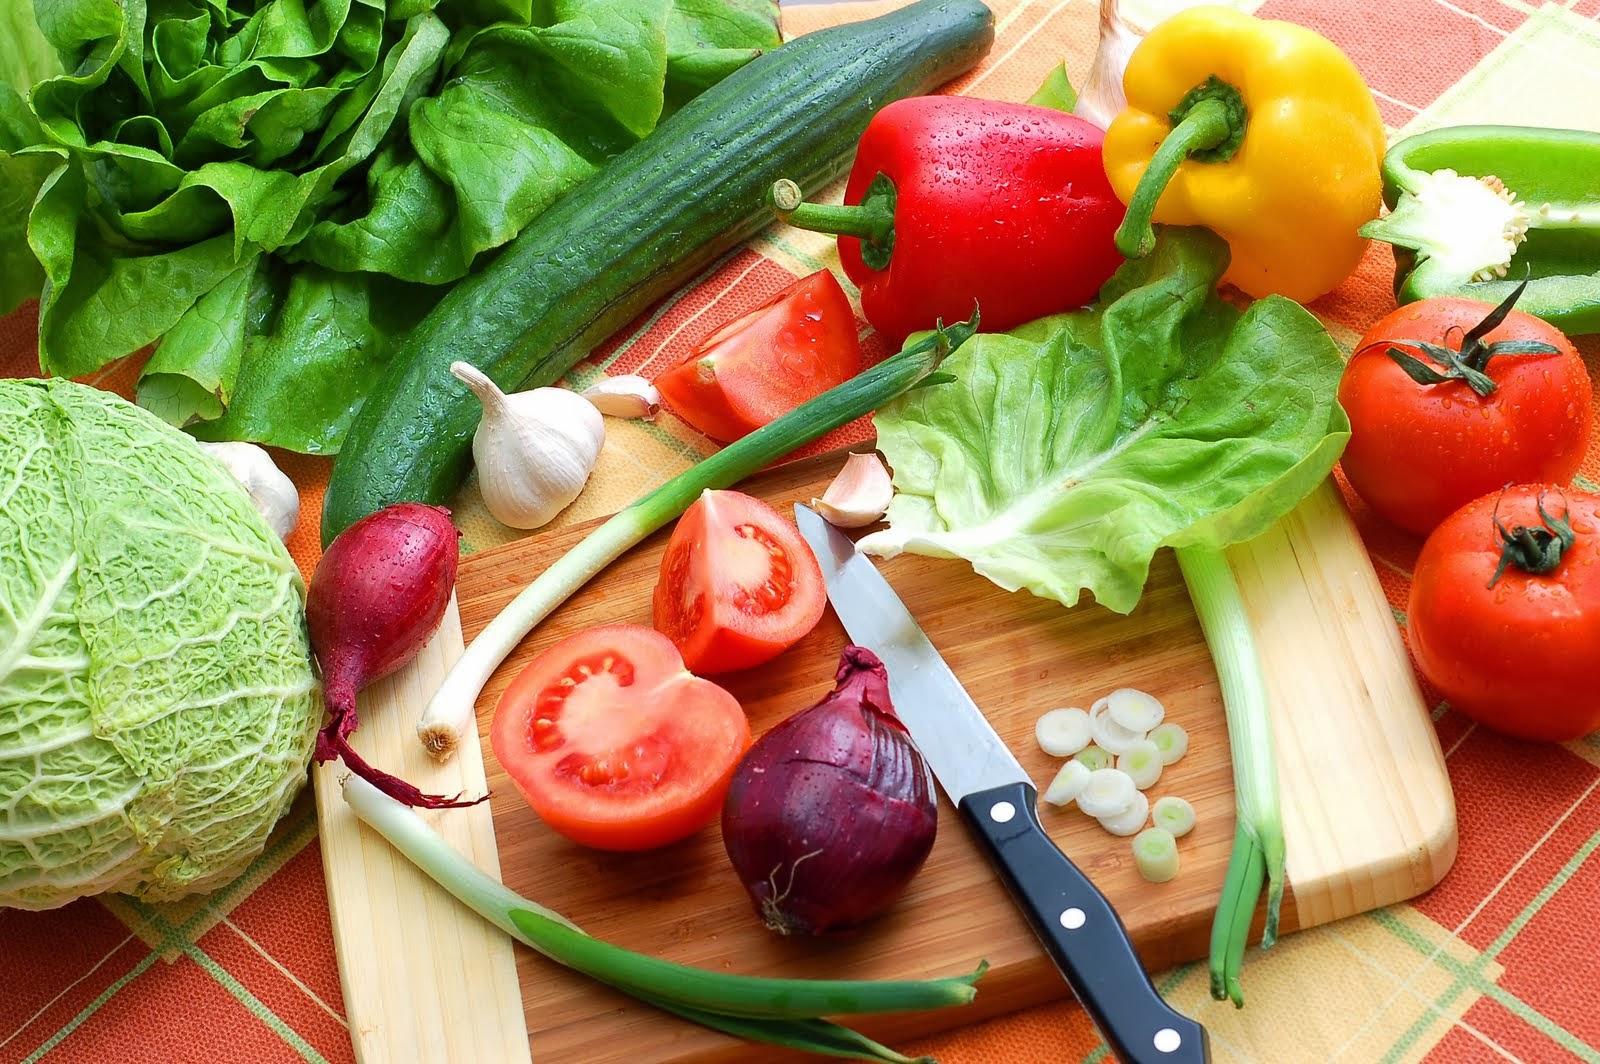 Alimentos para bajar de peso en dos semanas siempre versin integral